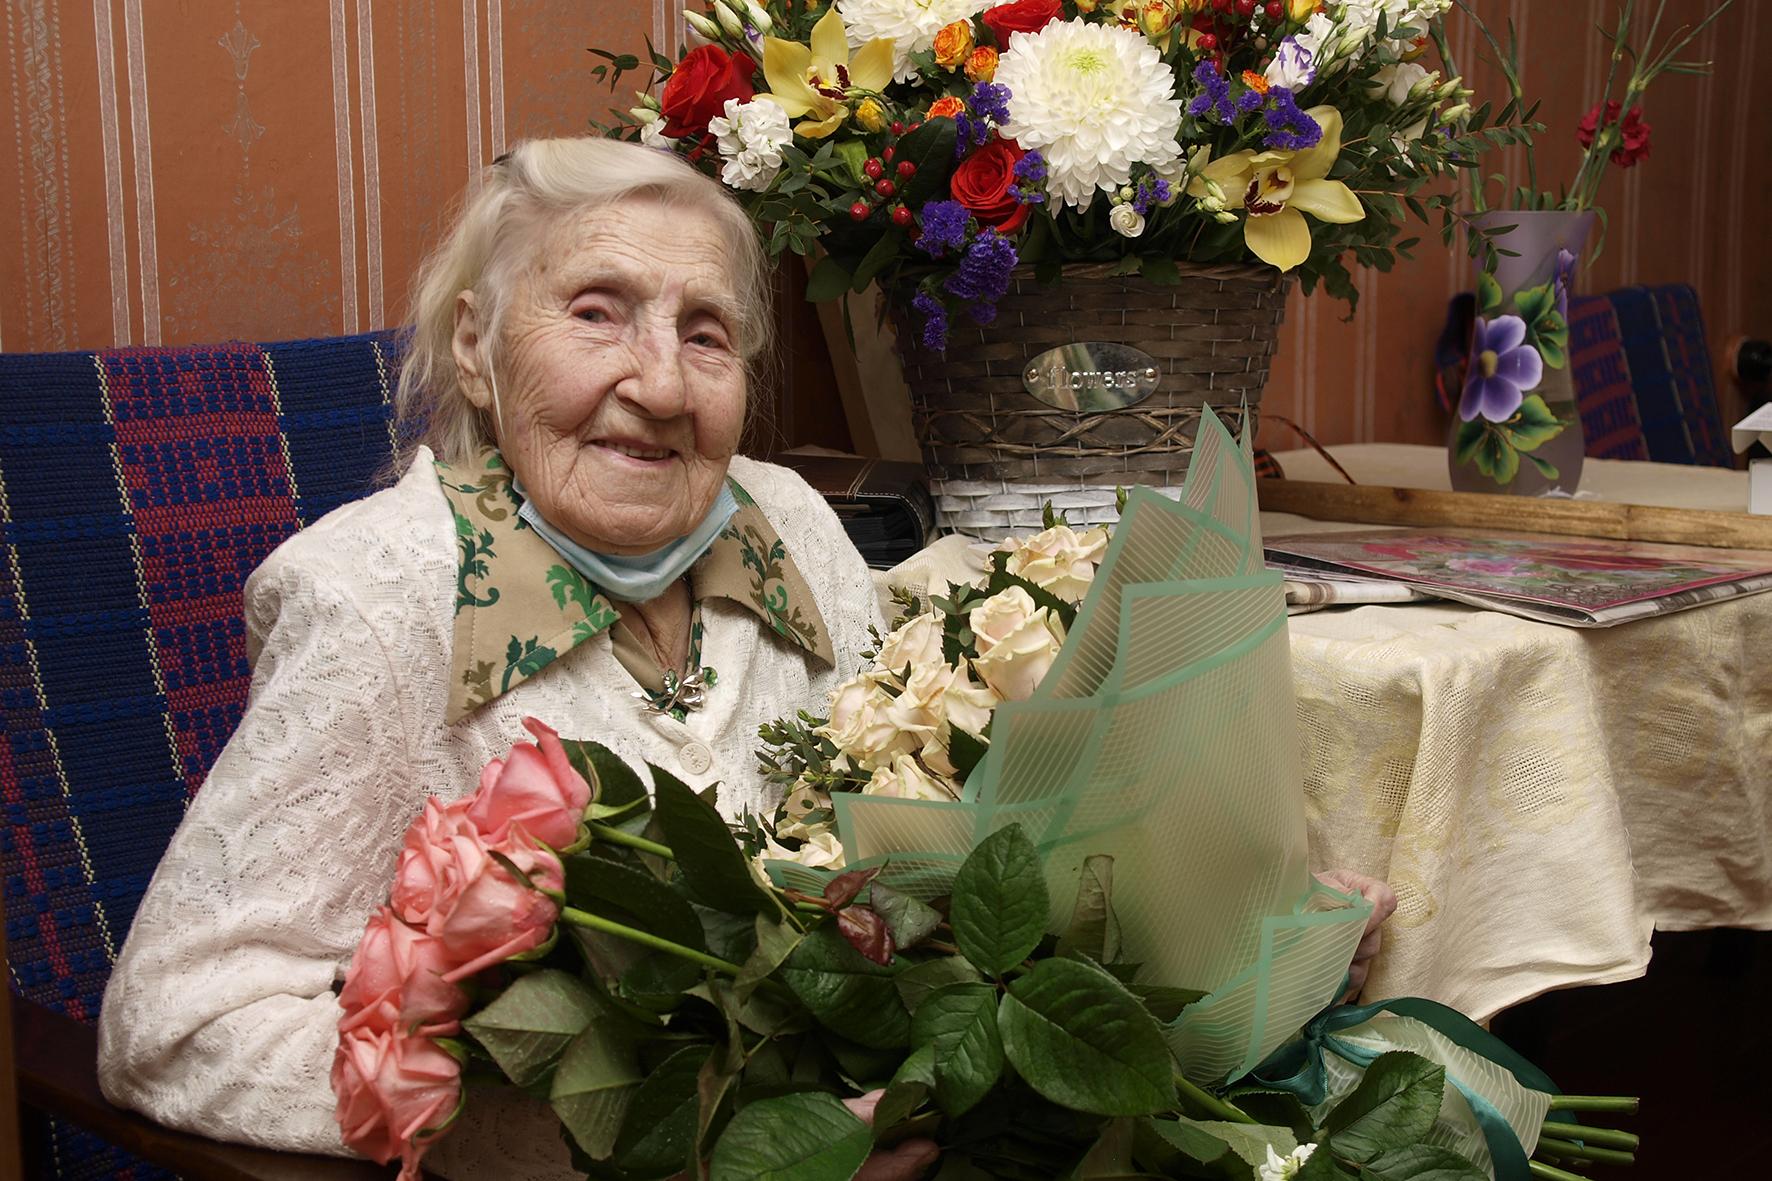 Губернатор поздравил со столетием участницу Великой Отечественной войны